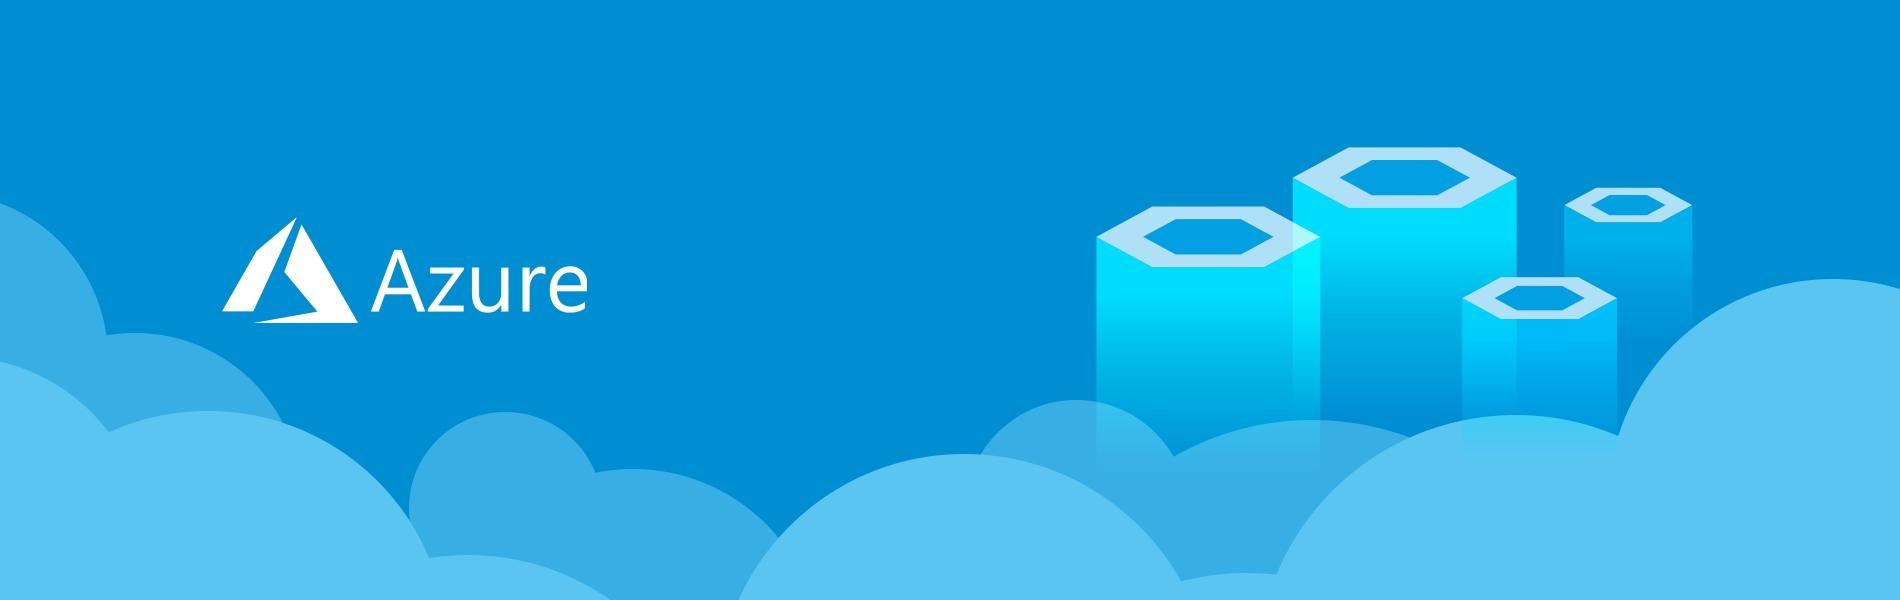 Blog-Header-Azure-Storage-Account-1900x600